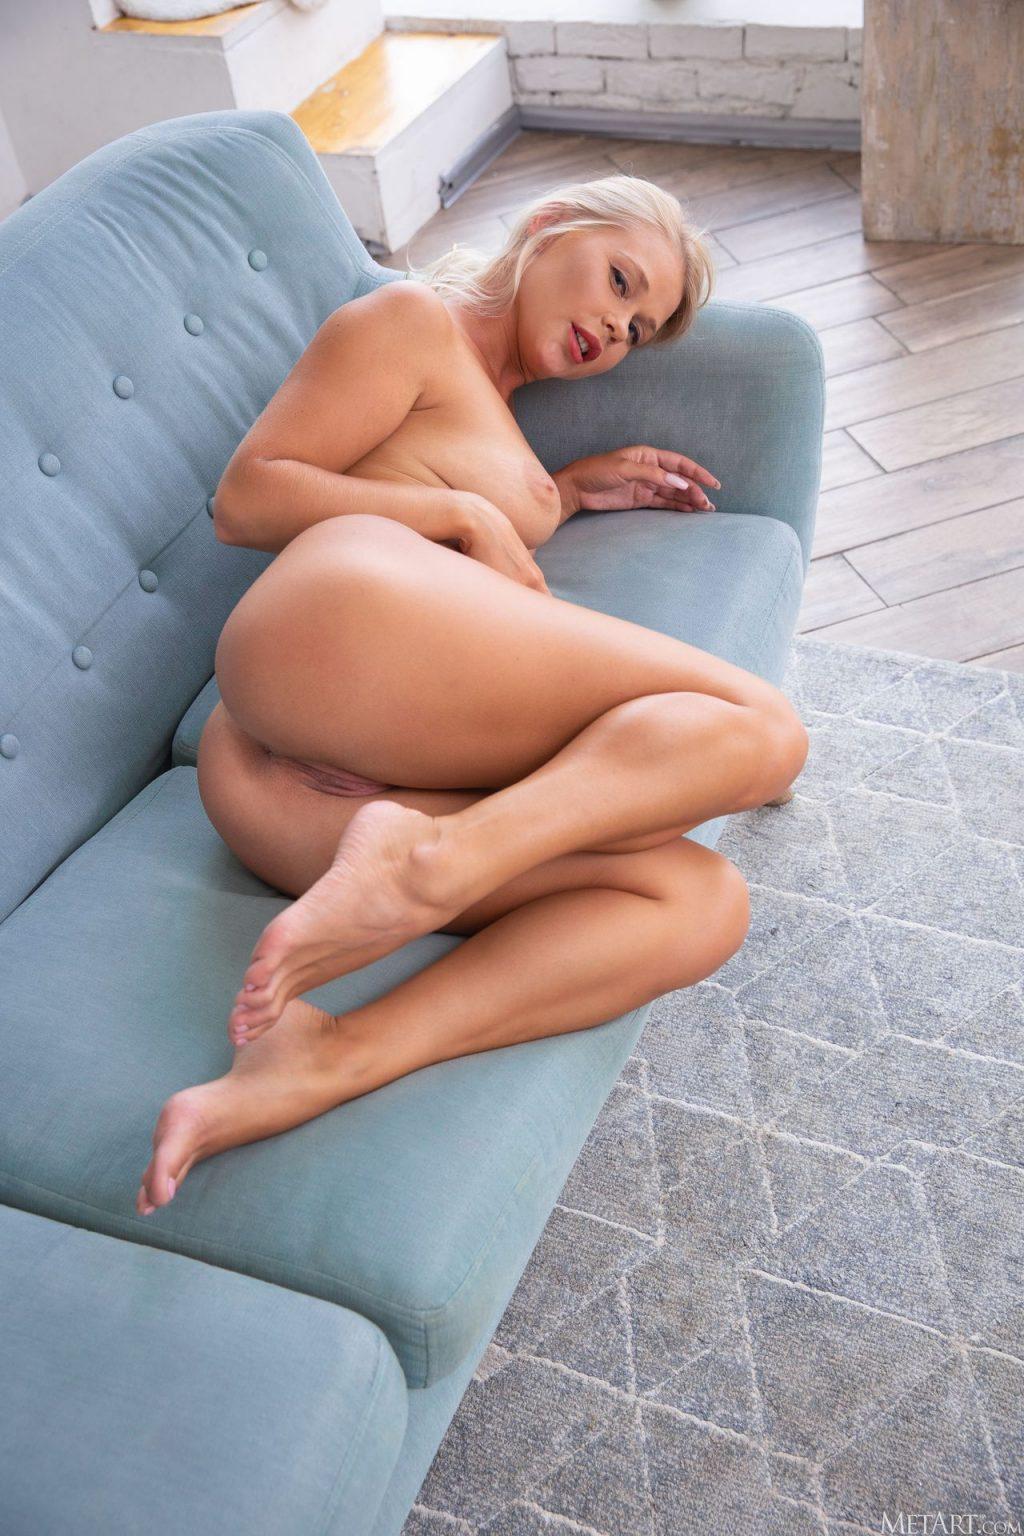 Sarika A Nude & Sexy – Expose (84 Photos)